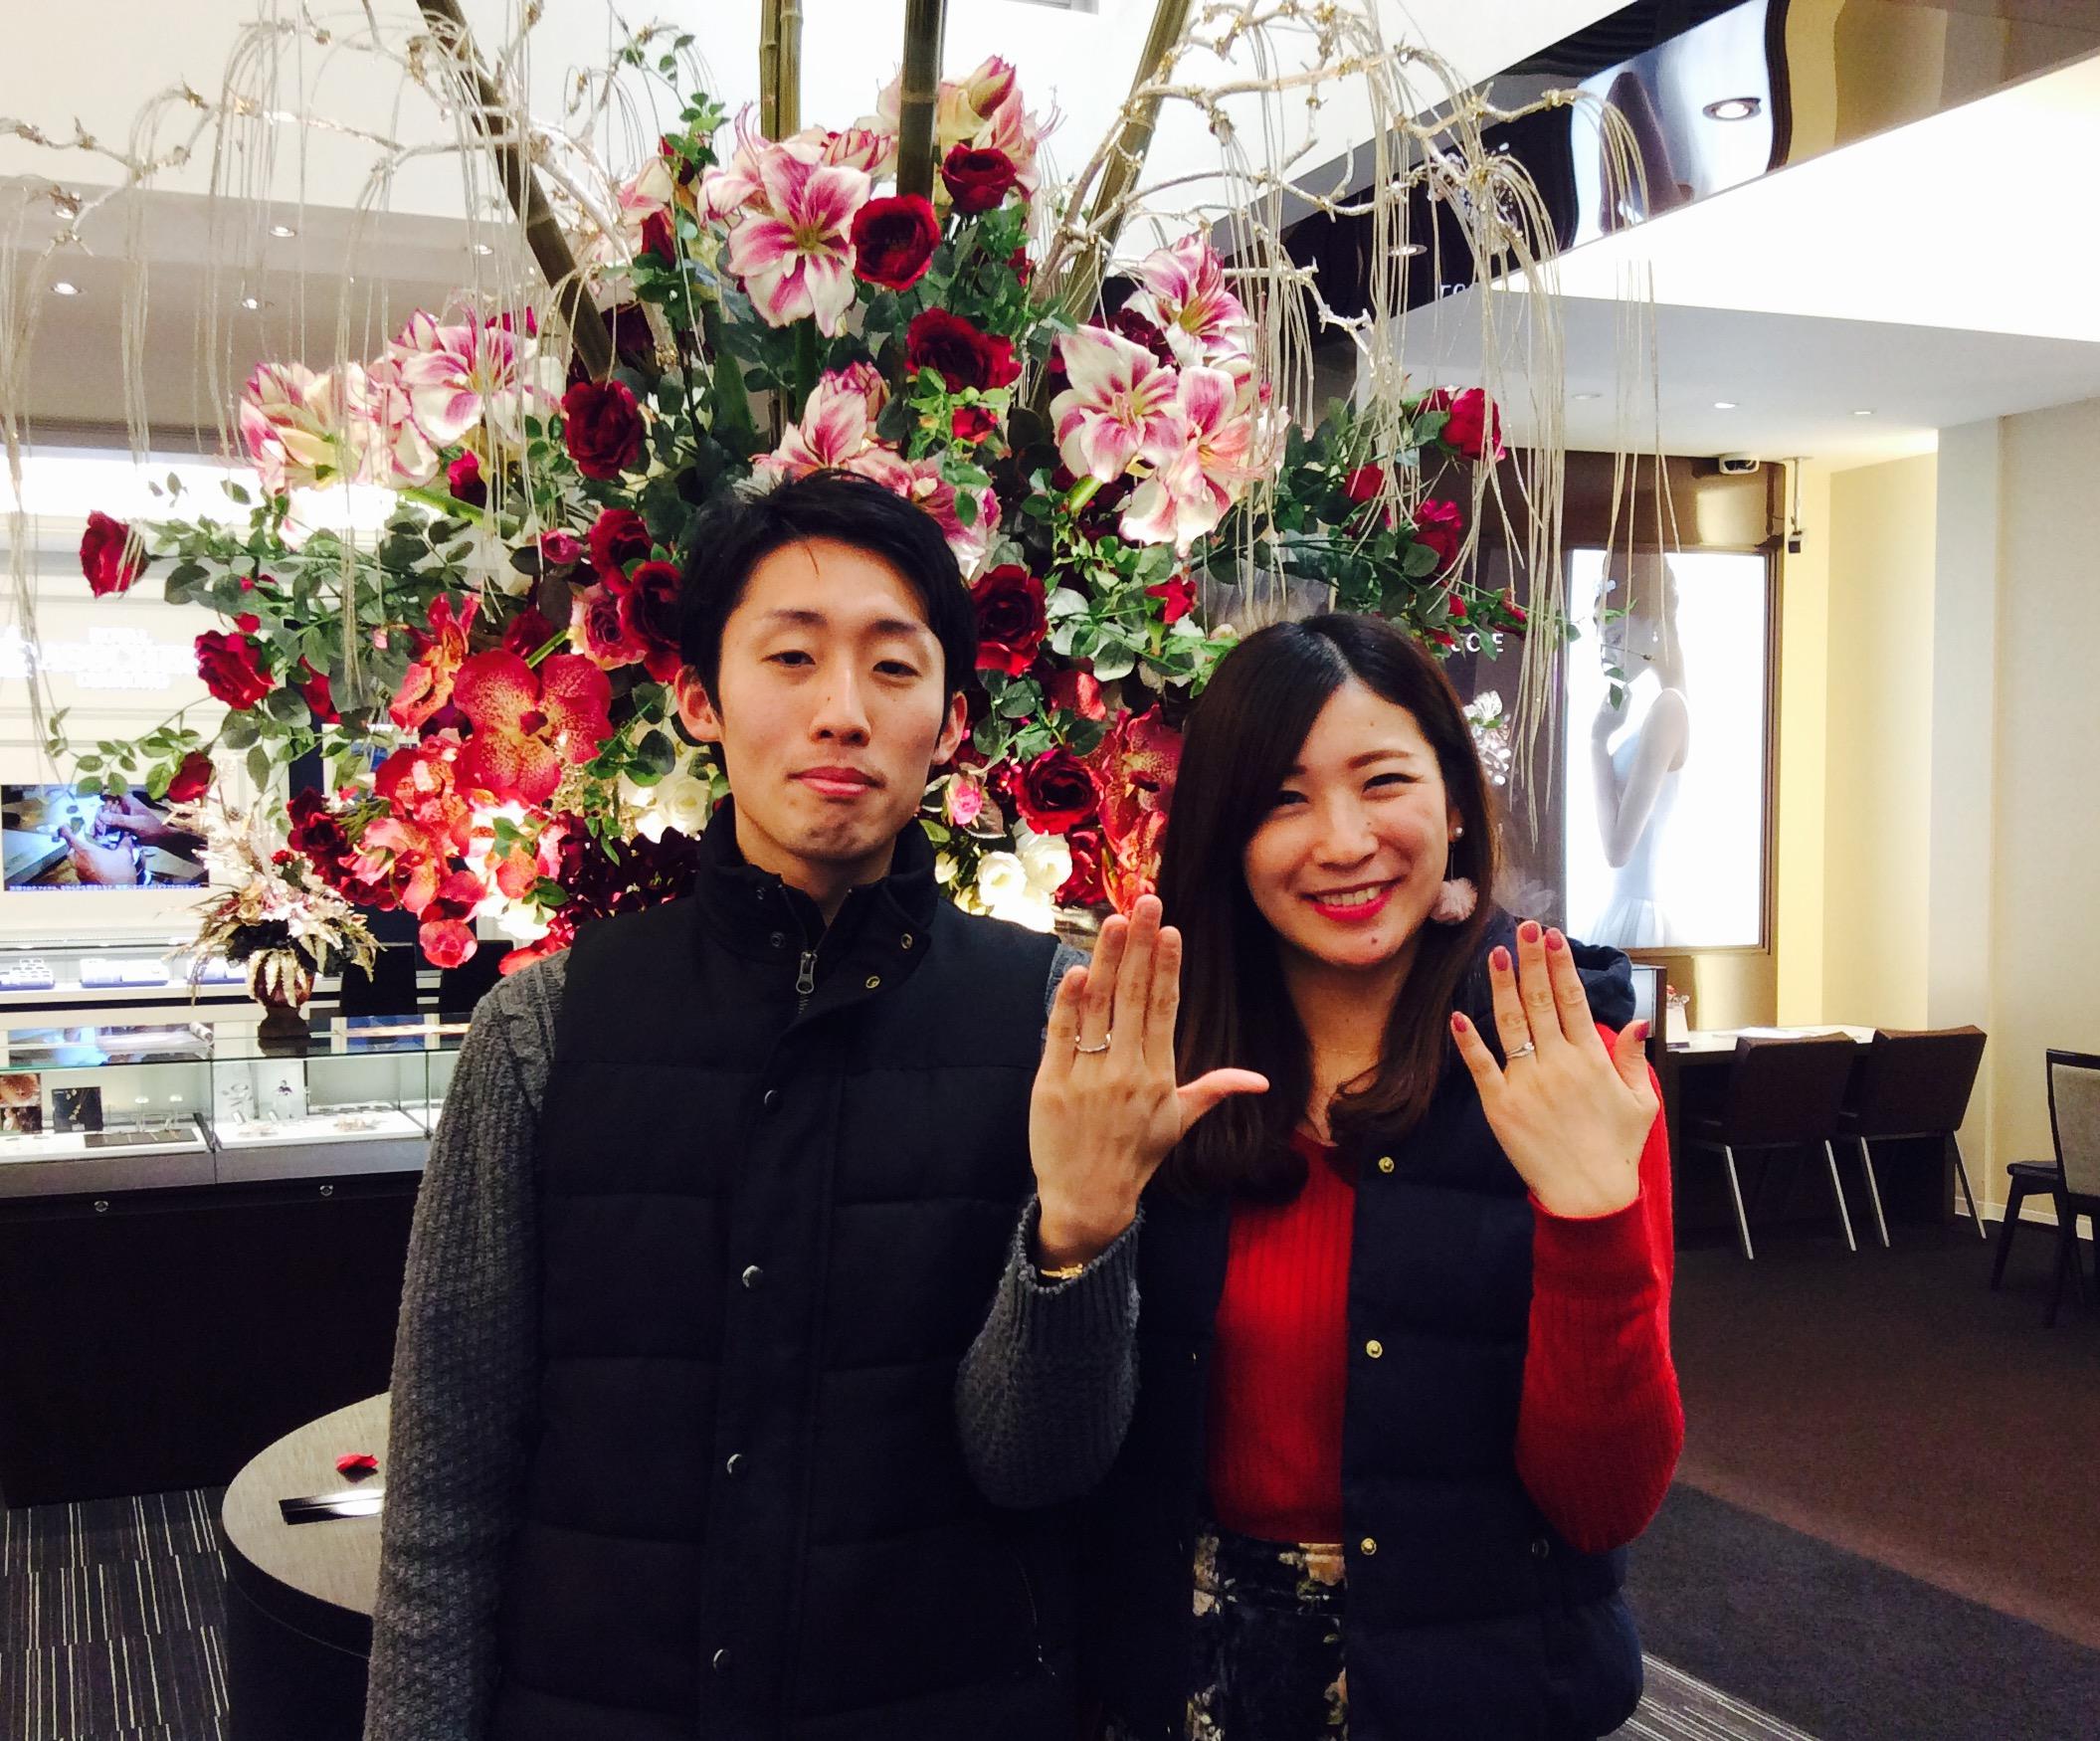 ラザールダイヤモンド💎結婚指輪「カシオペア」(長岡市/長橋様・関根様)